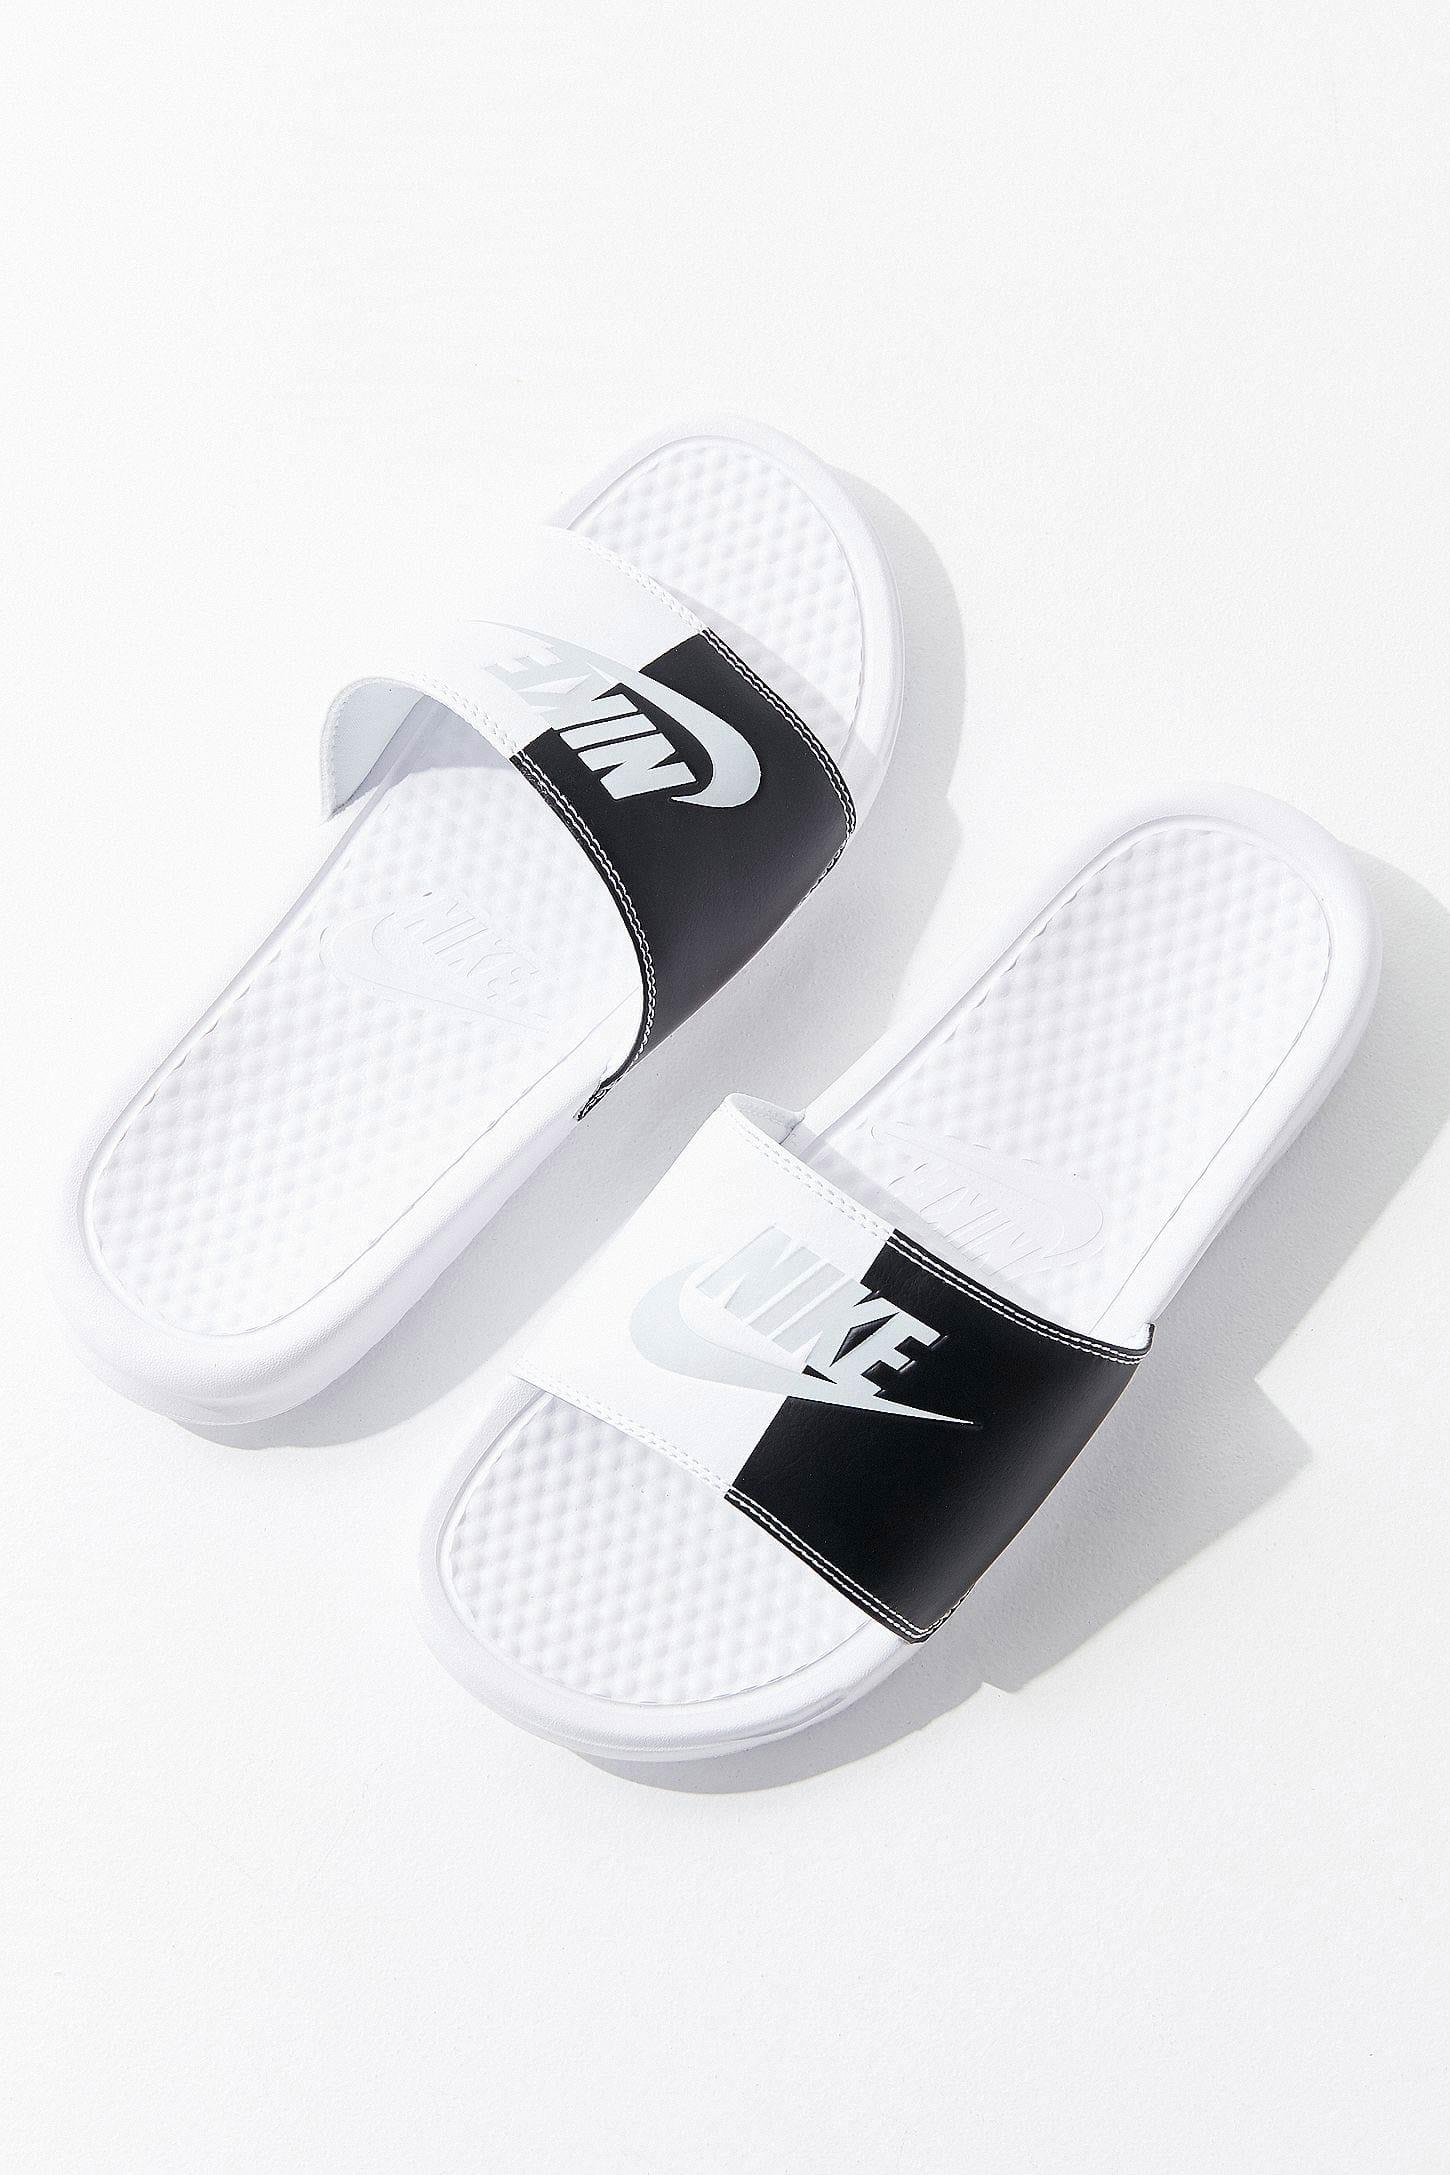 Nike Benassi Colorblock Slide in Black